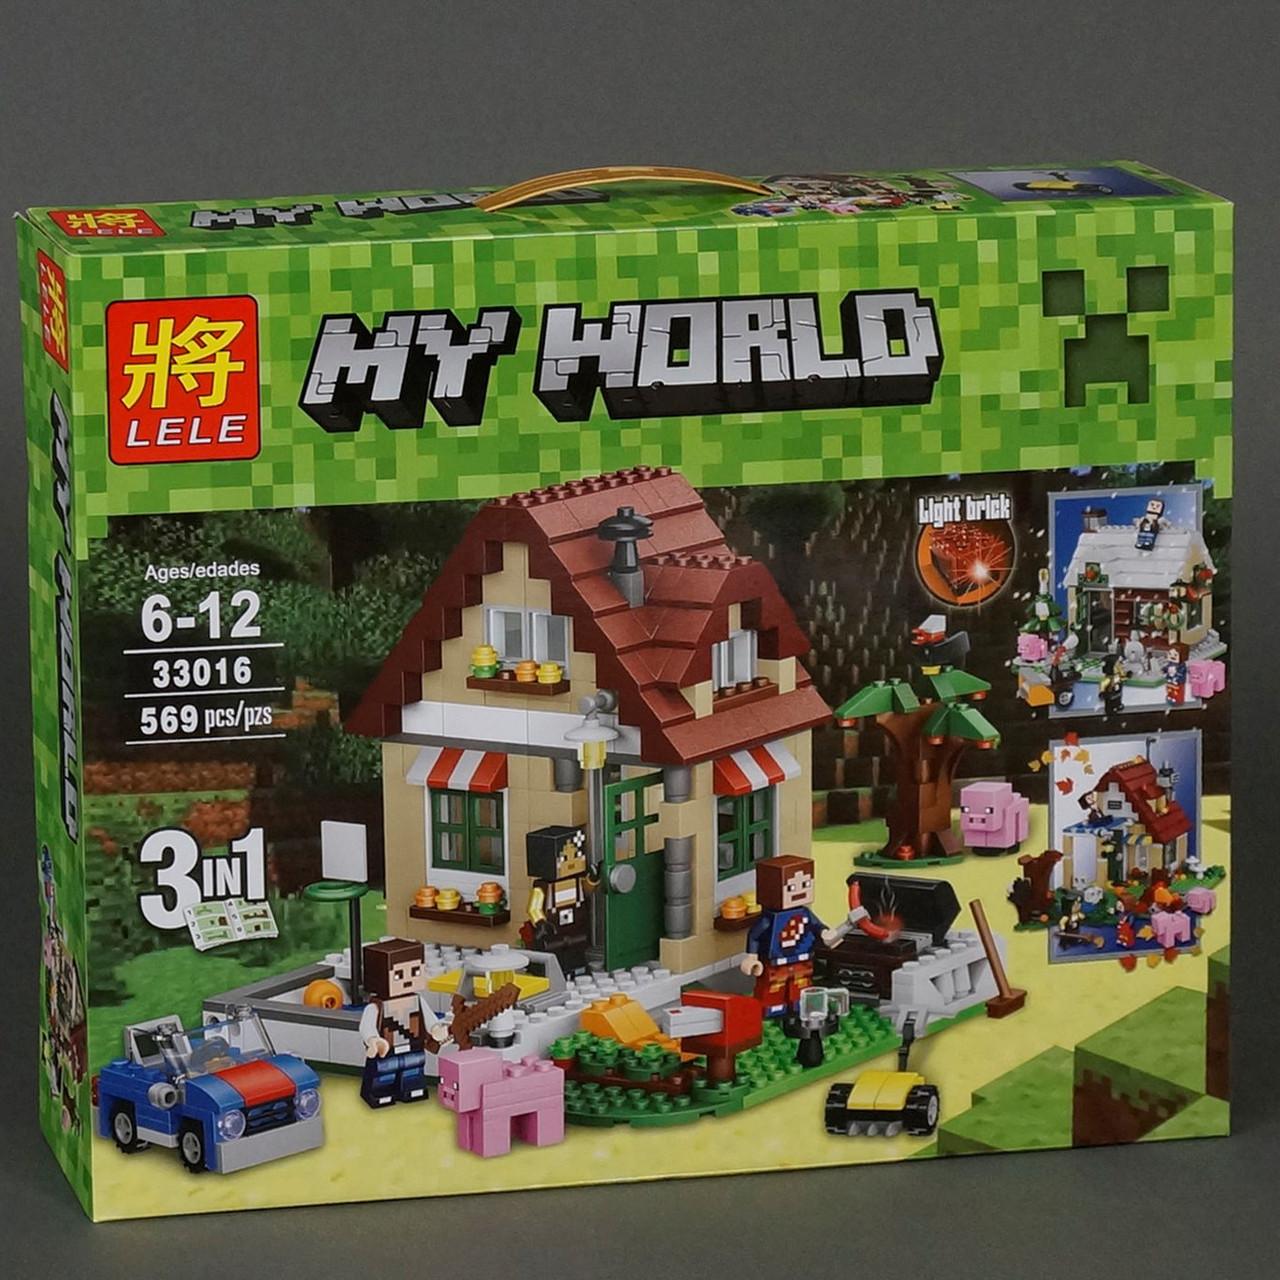 """Конструктор Minecraft Lele 33016 """"Времена года 3 в 1"""" 569 детали. (Аналог ЛЕГО 31038)"""